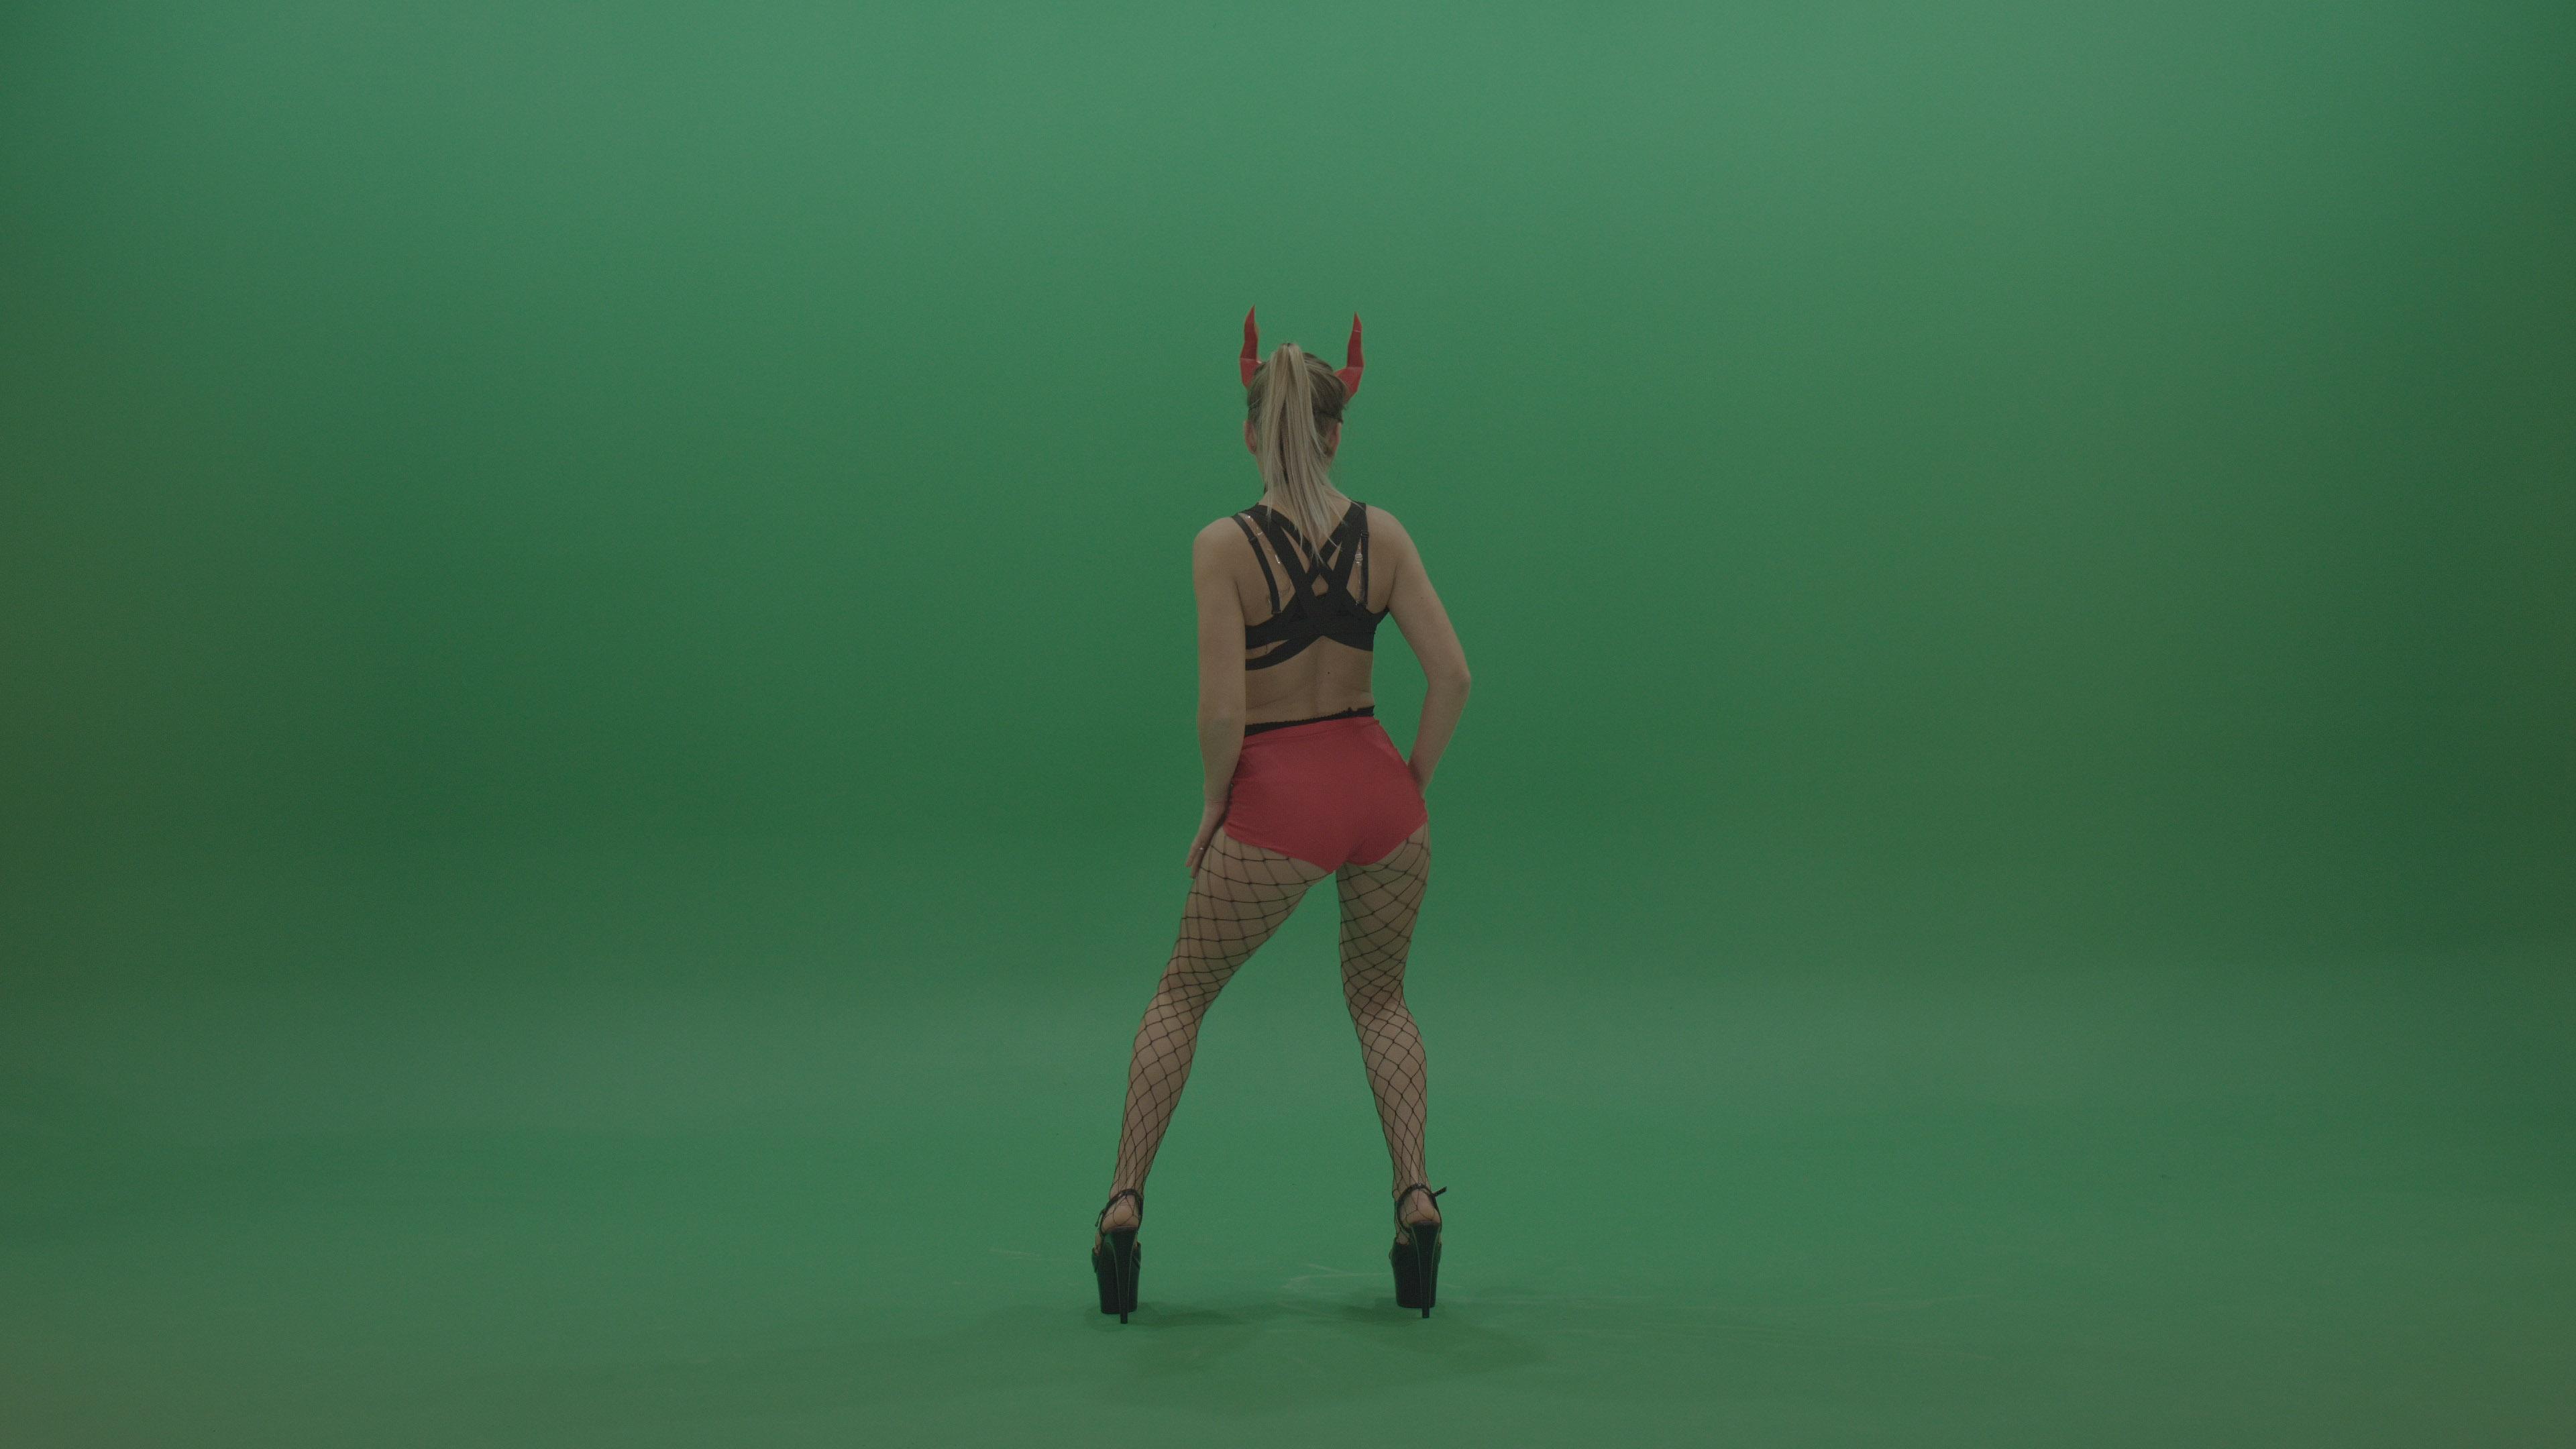 Green Screen Video FOotage Dancing Girl Go Go Dance